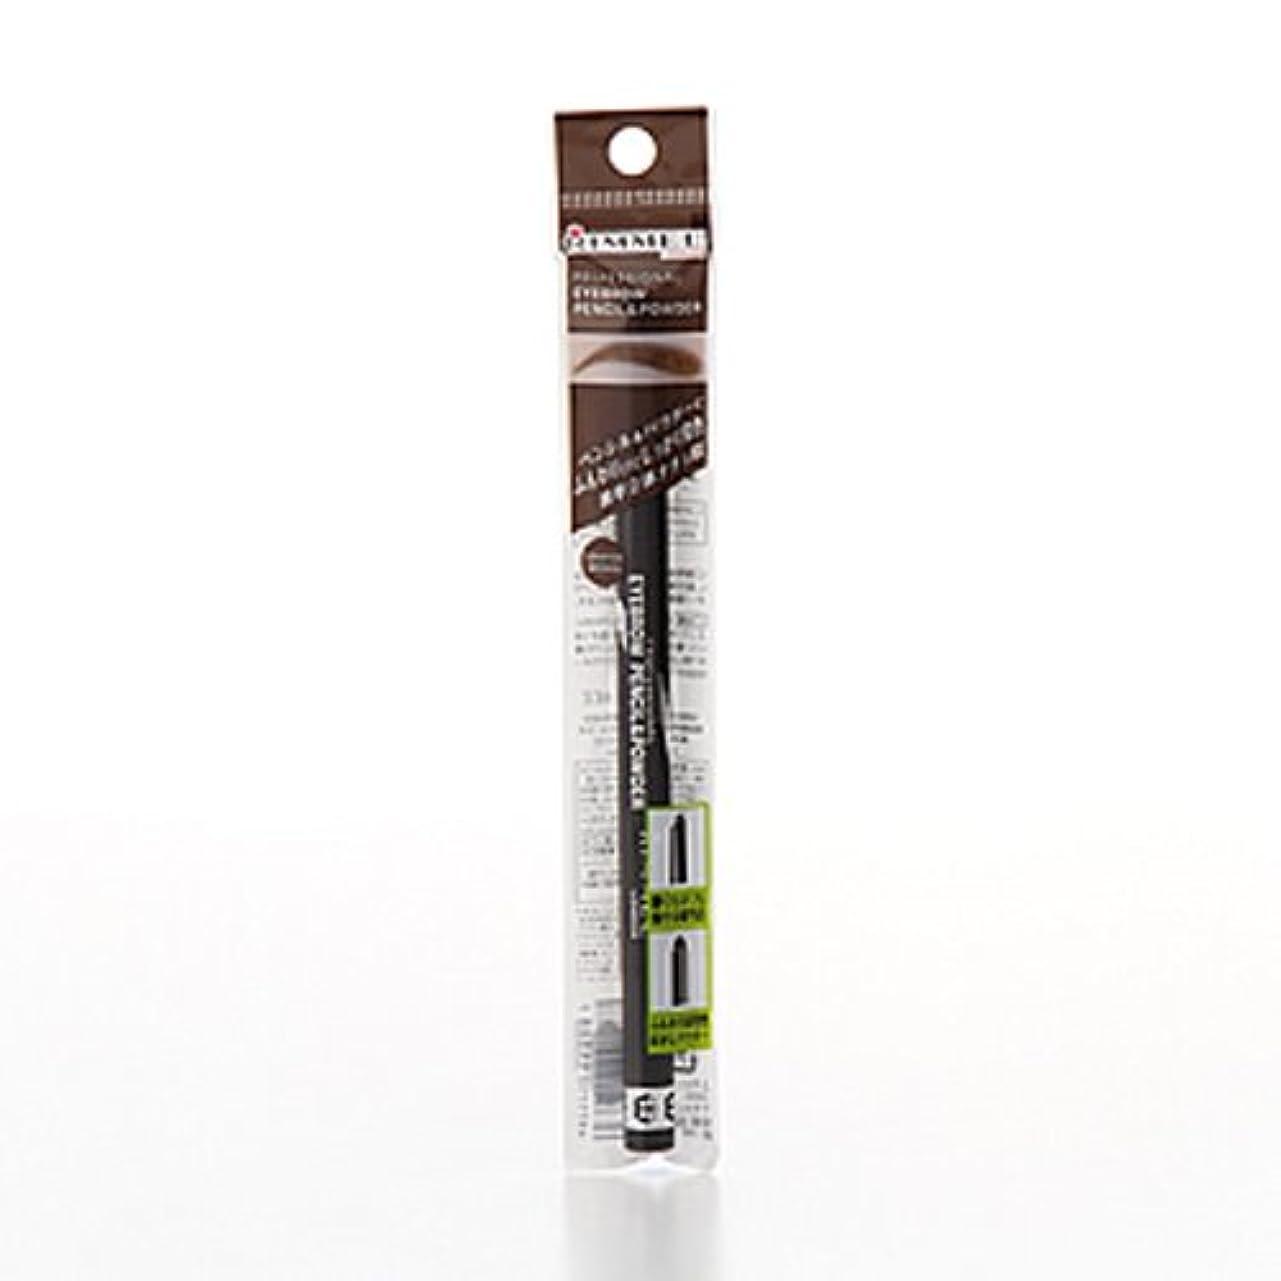 リンメル プロフェッショナル アイブロウ ペンシル&パウダー 003 グレイッシュブラウン 0.8g